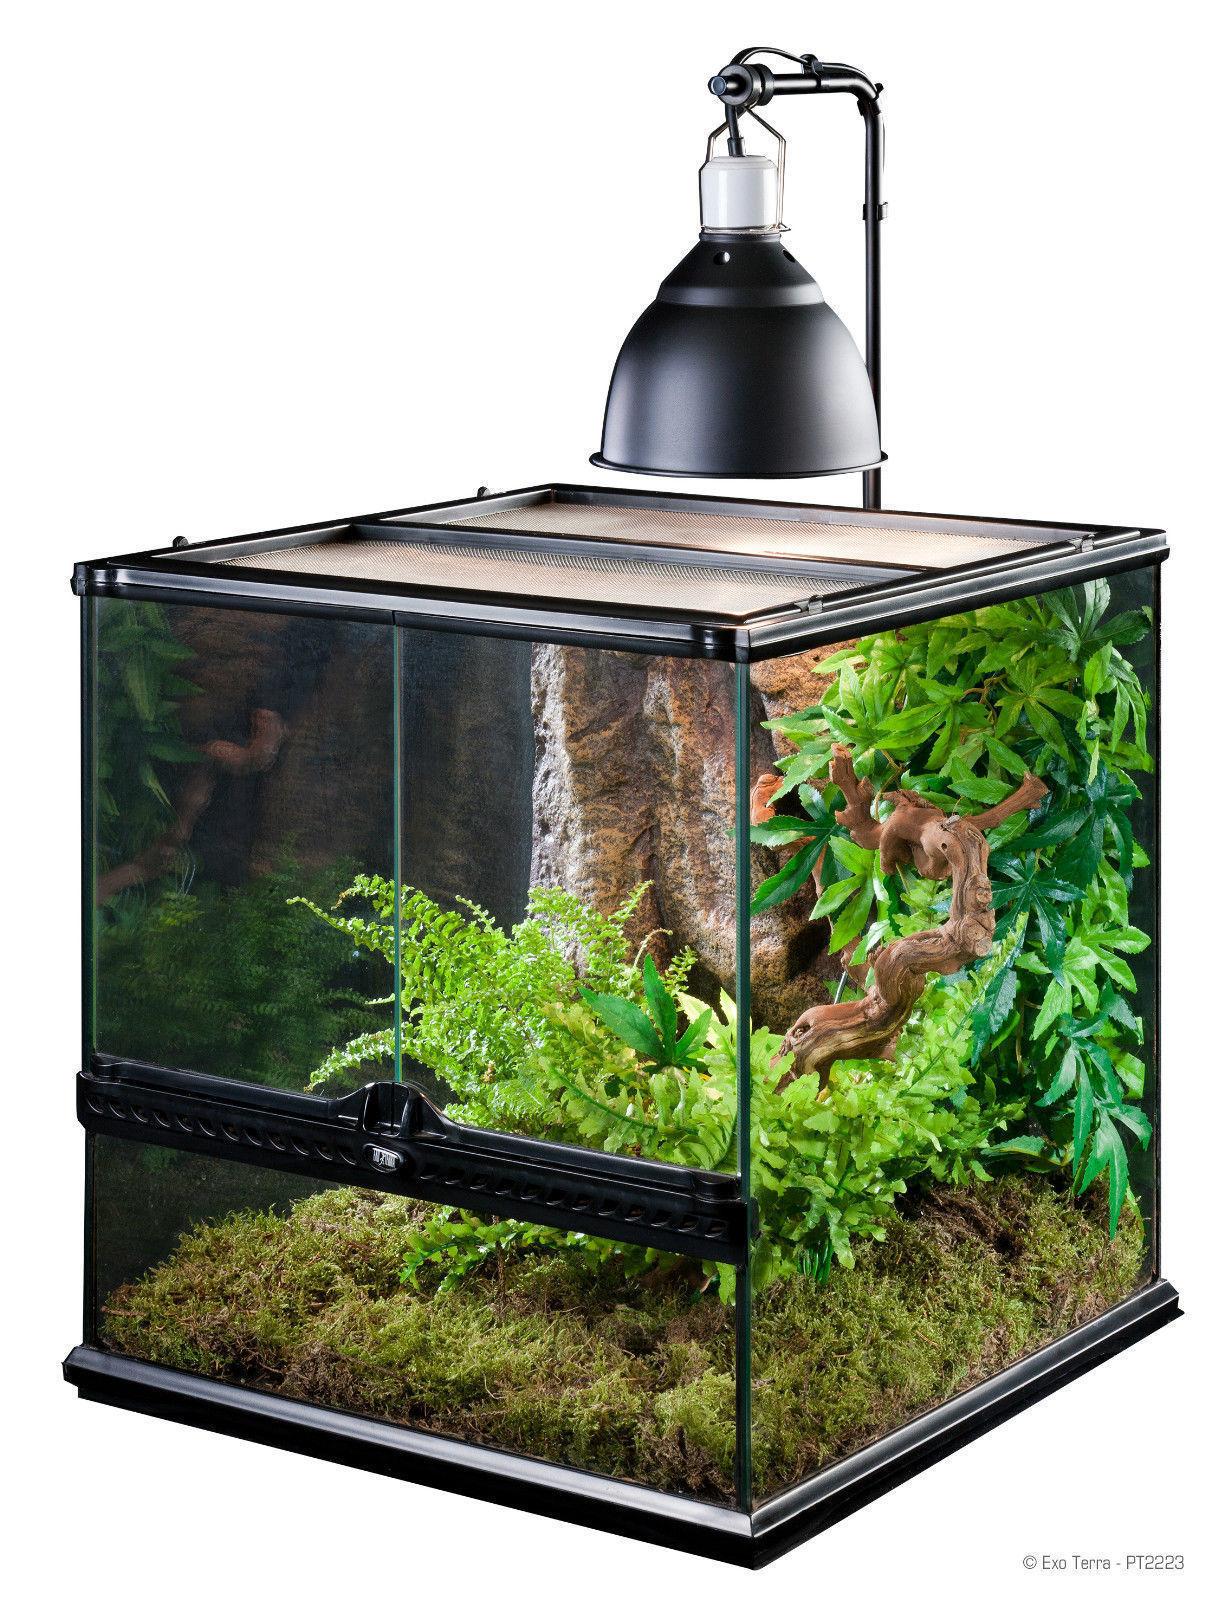 Exo Terra Light Bracket Reptile Lighting Dome Support